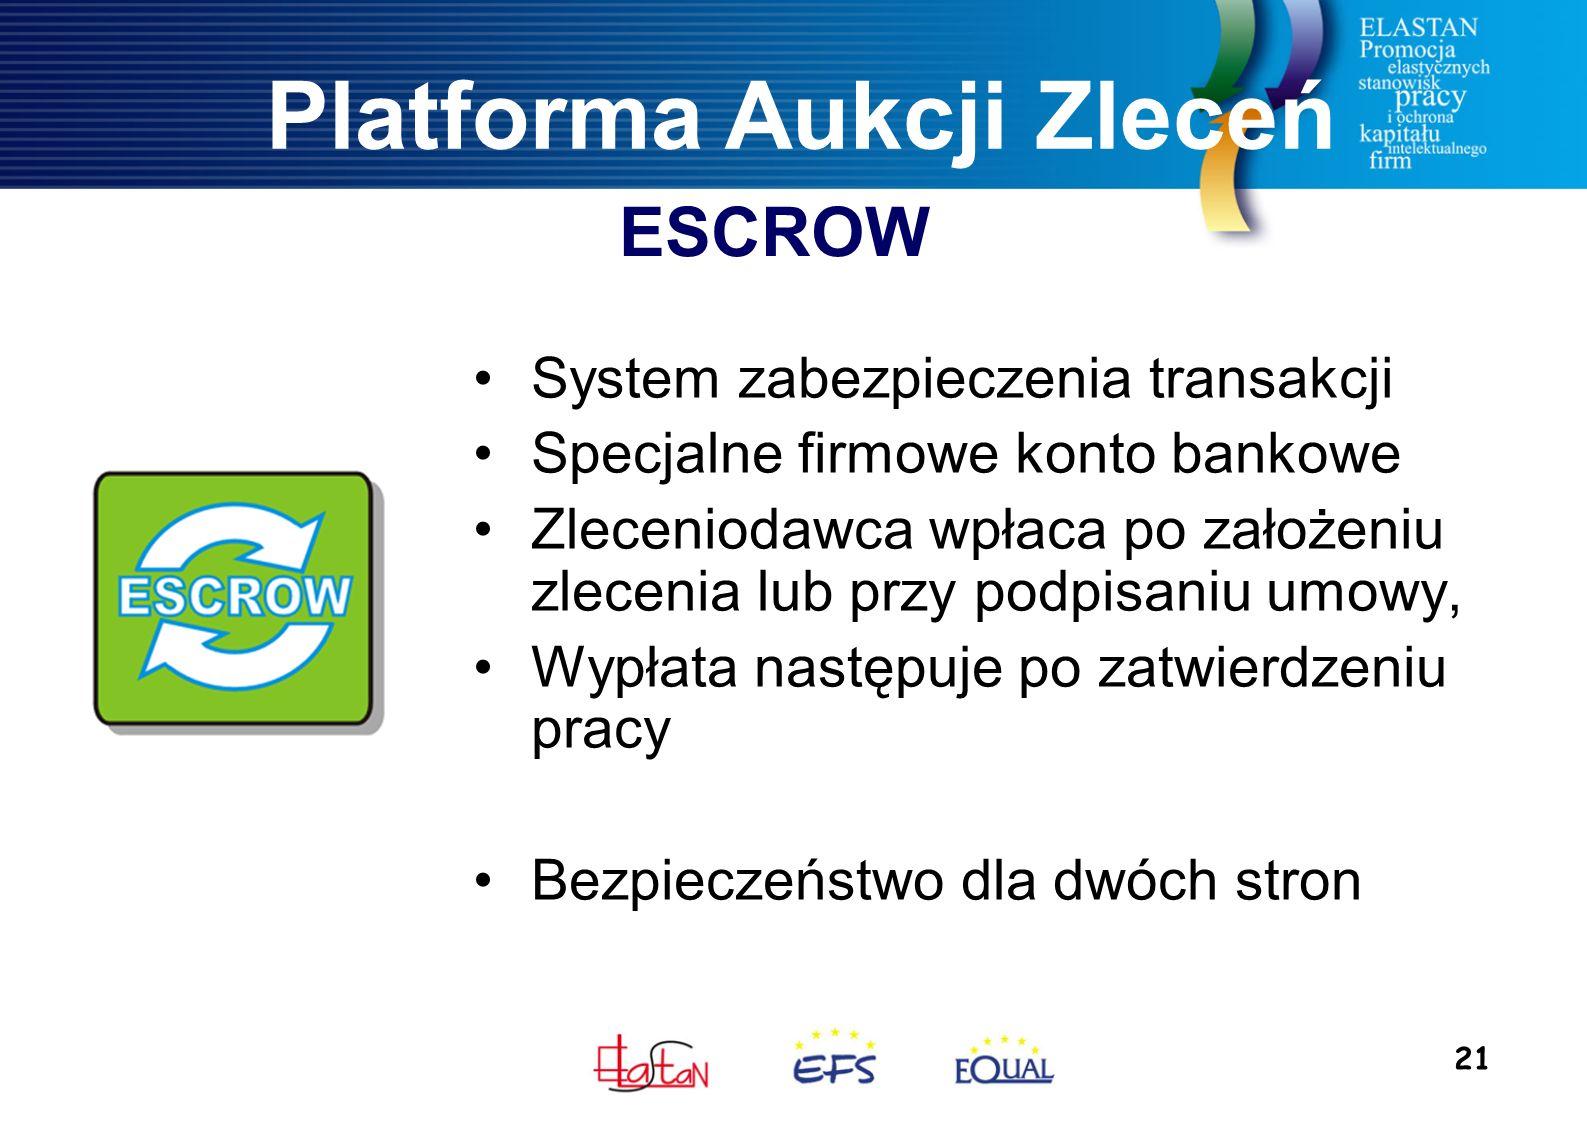 21 System zabezpieczenia transakcji Specjalne firmowe konto bankowe Zleceniodawca wpłaca po założeniu zlecenia lub przy podpisaniu umowy, Wypłata następuje po zatwierdzeniu pracy Bezpieczeństwo dla dwóch stron ESCROW Platforma Aukcji Zleceń